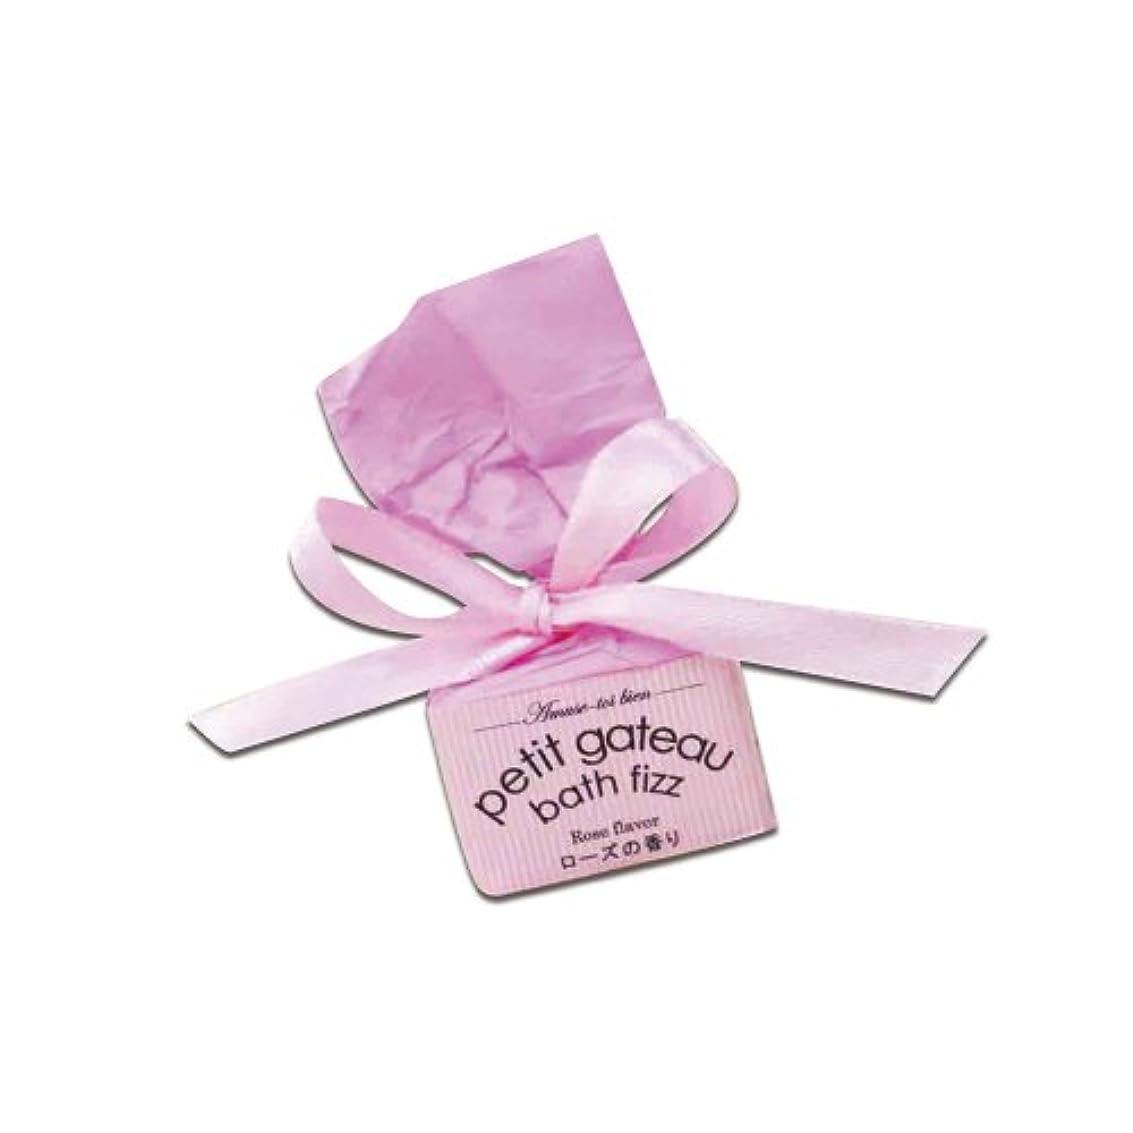 販売員家事をするボーナスプチガトーバスフィザー ローズの香り 12個セット